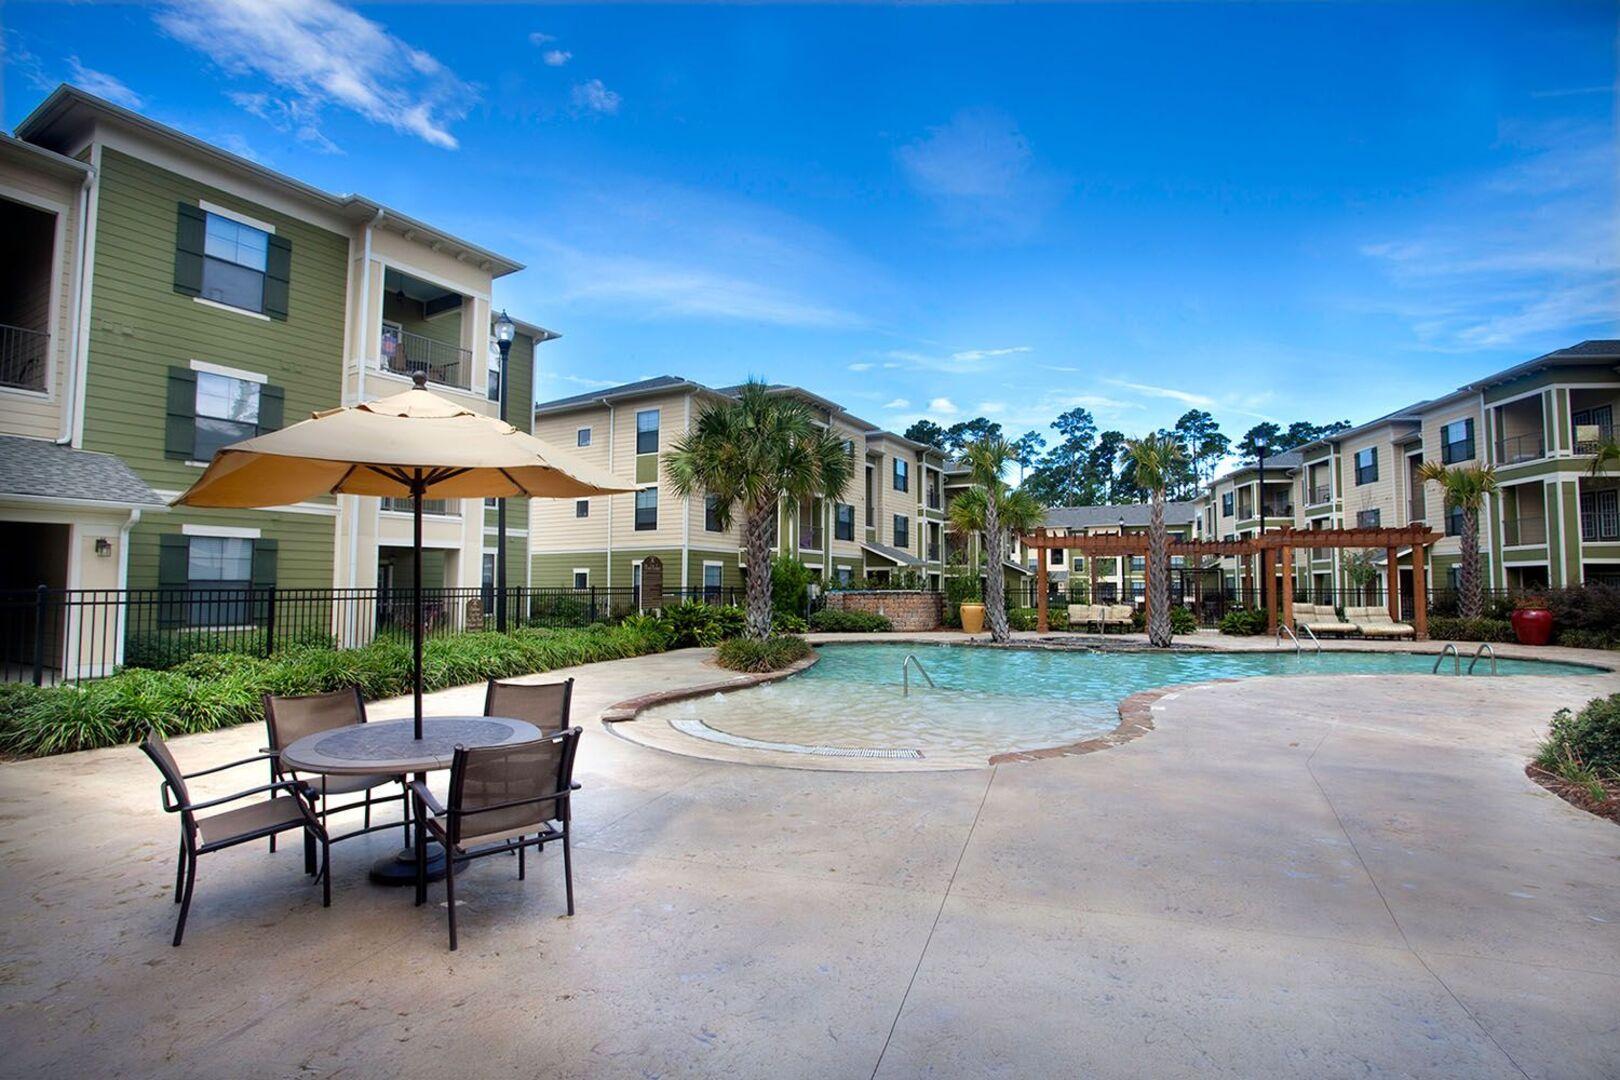 Mandeville La Apartment For Rent Chapel Creek Contact